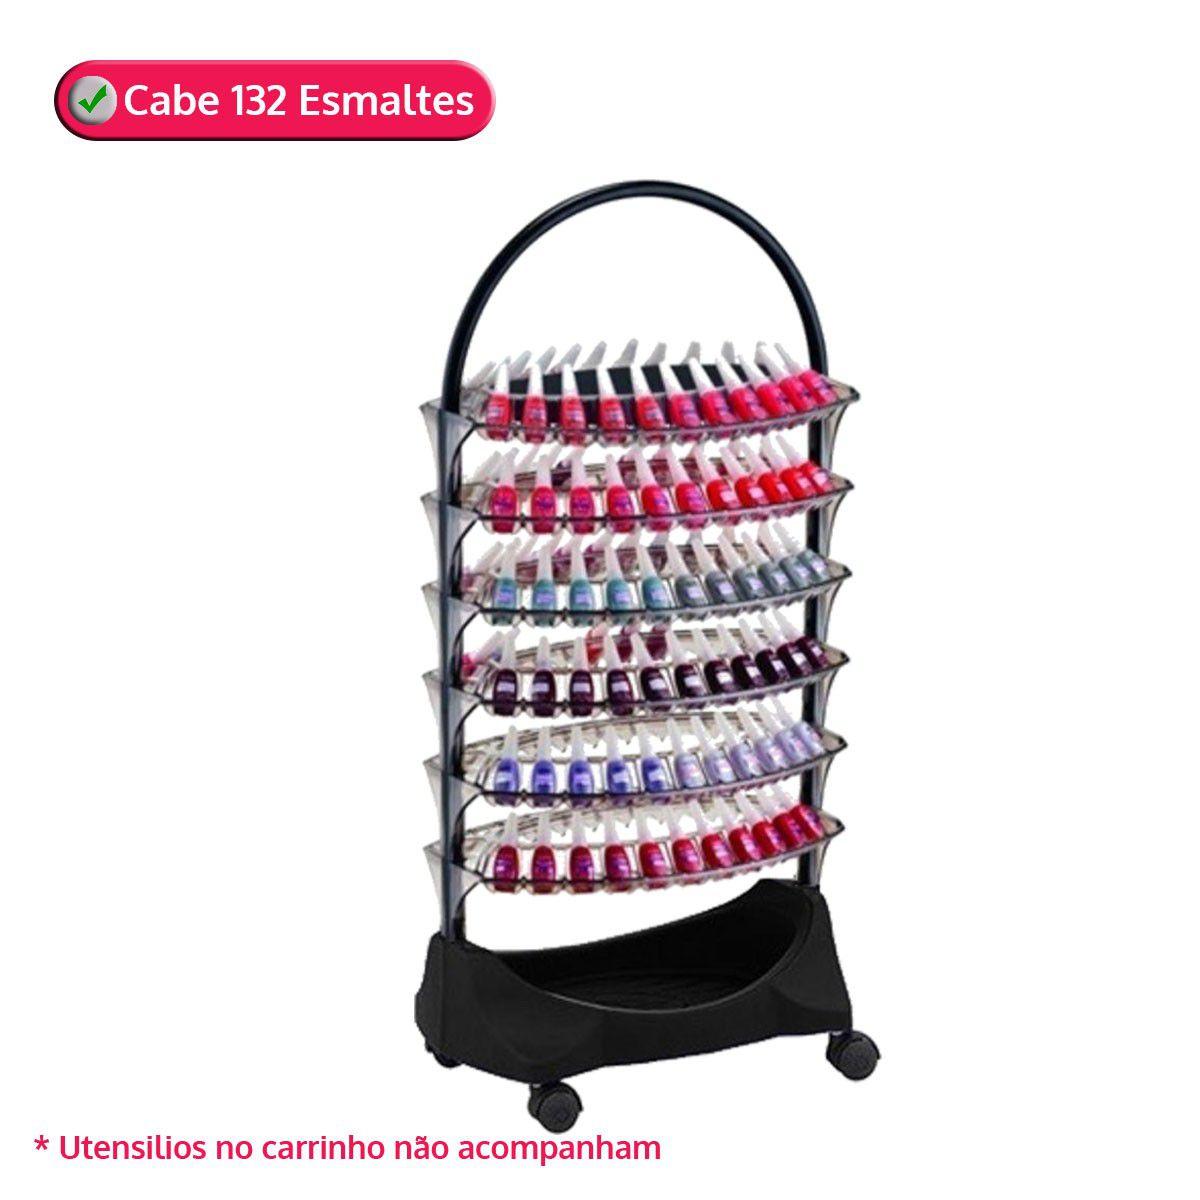 Carrinho Smaltbell CLASSIC OVAL Preto 6 Bandejas (132 Esmaltes) - Dompel